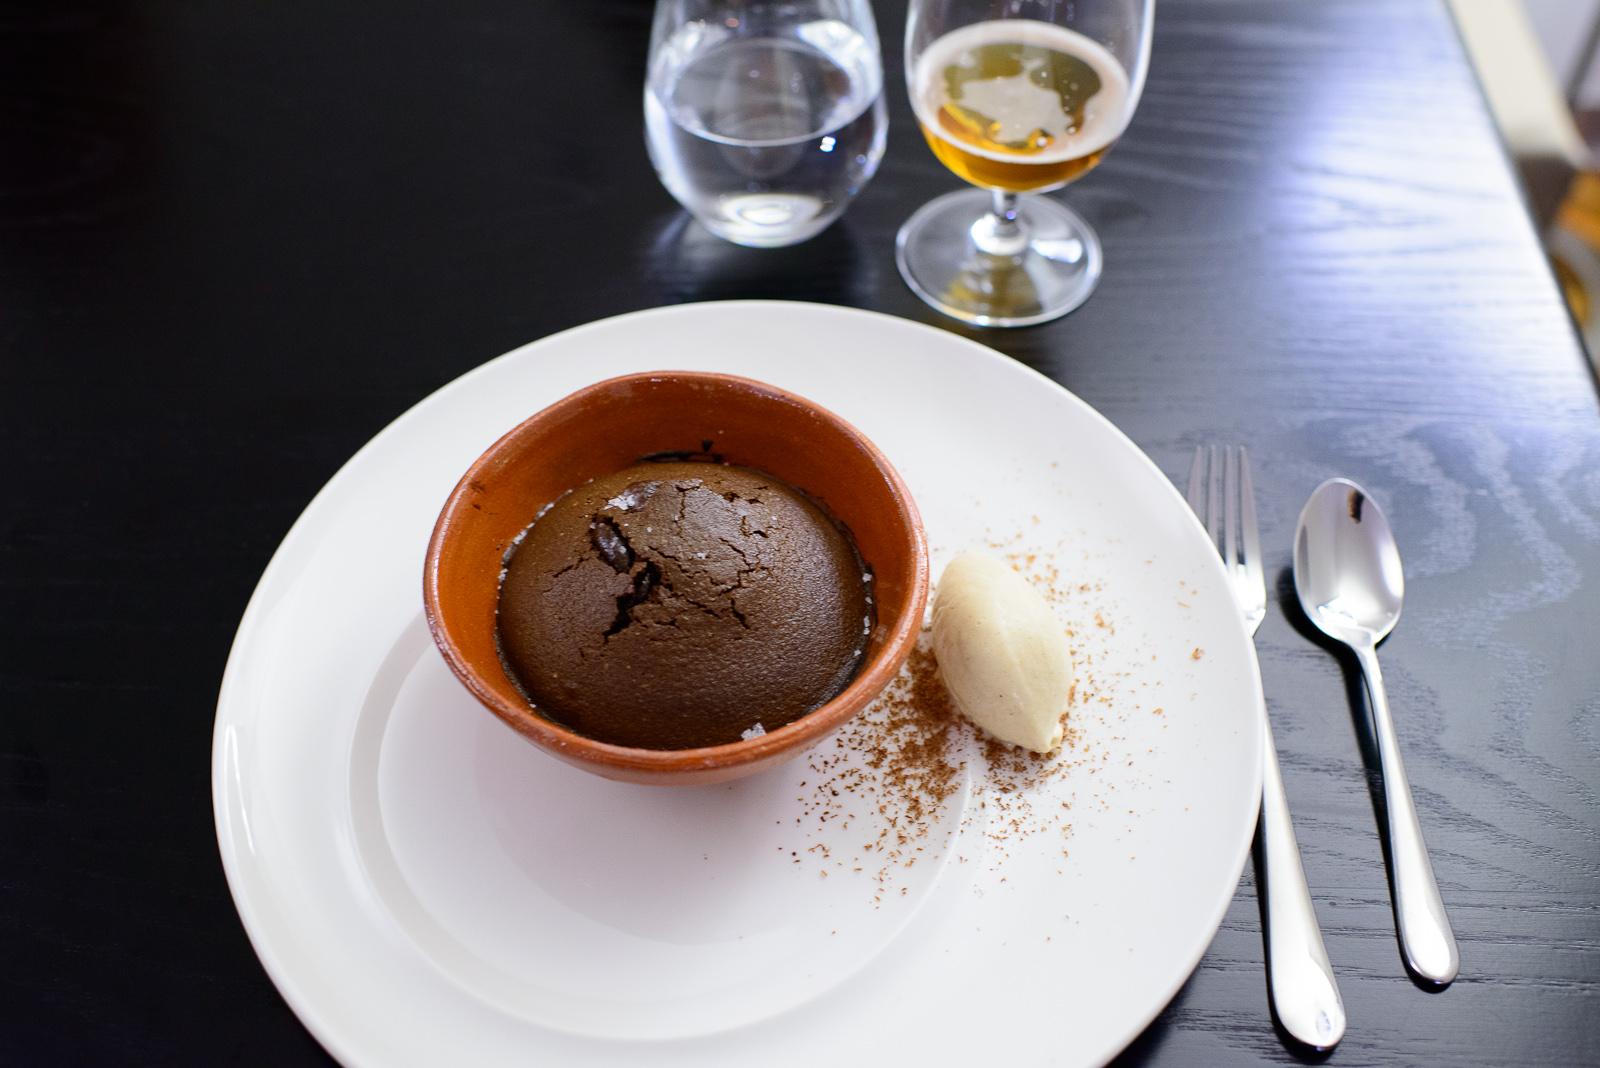 Cazuela de chocolate con helado de pinole (Small pot of baked ch